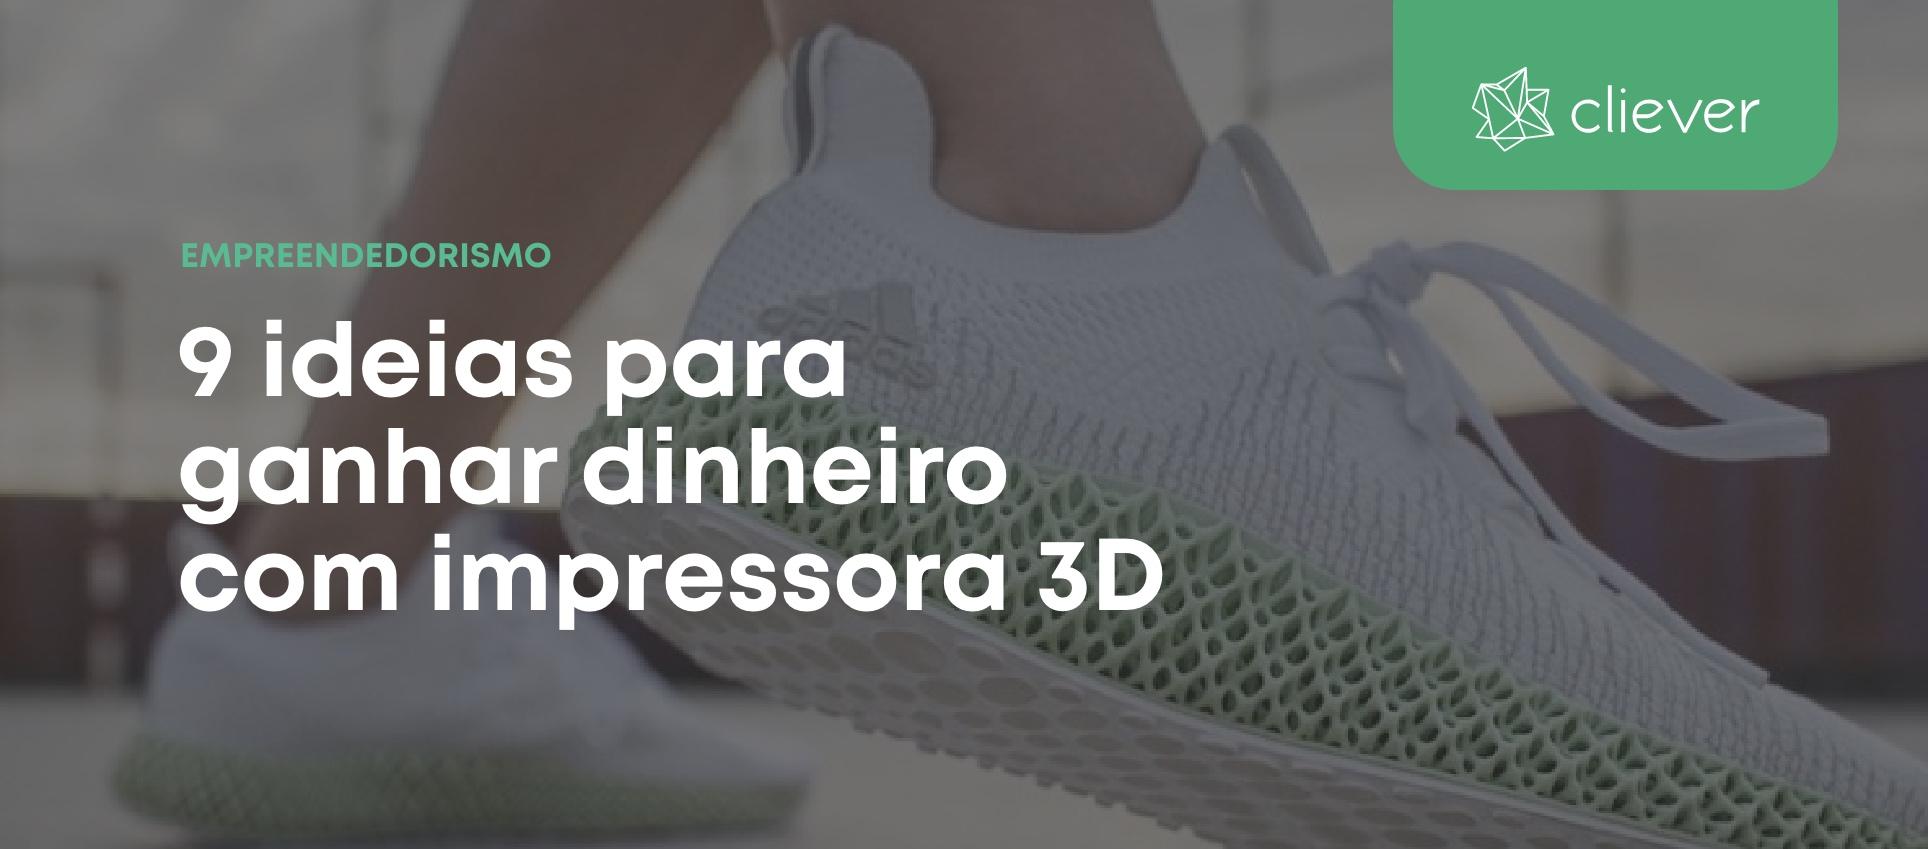 9 dicas para ganhar dinheiro com impressora 3D